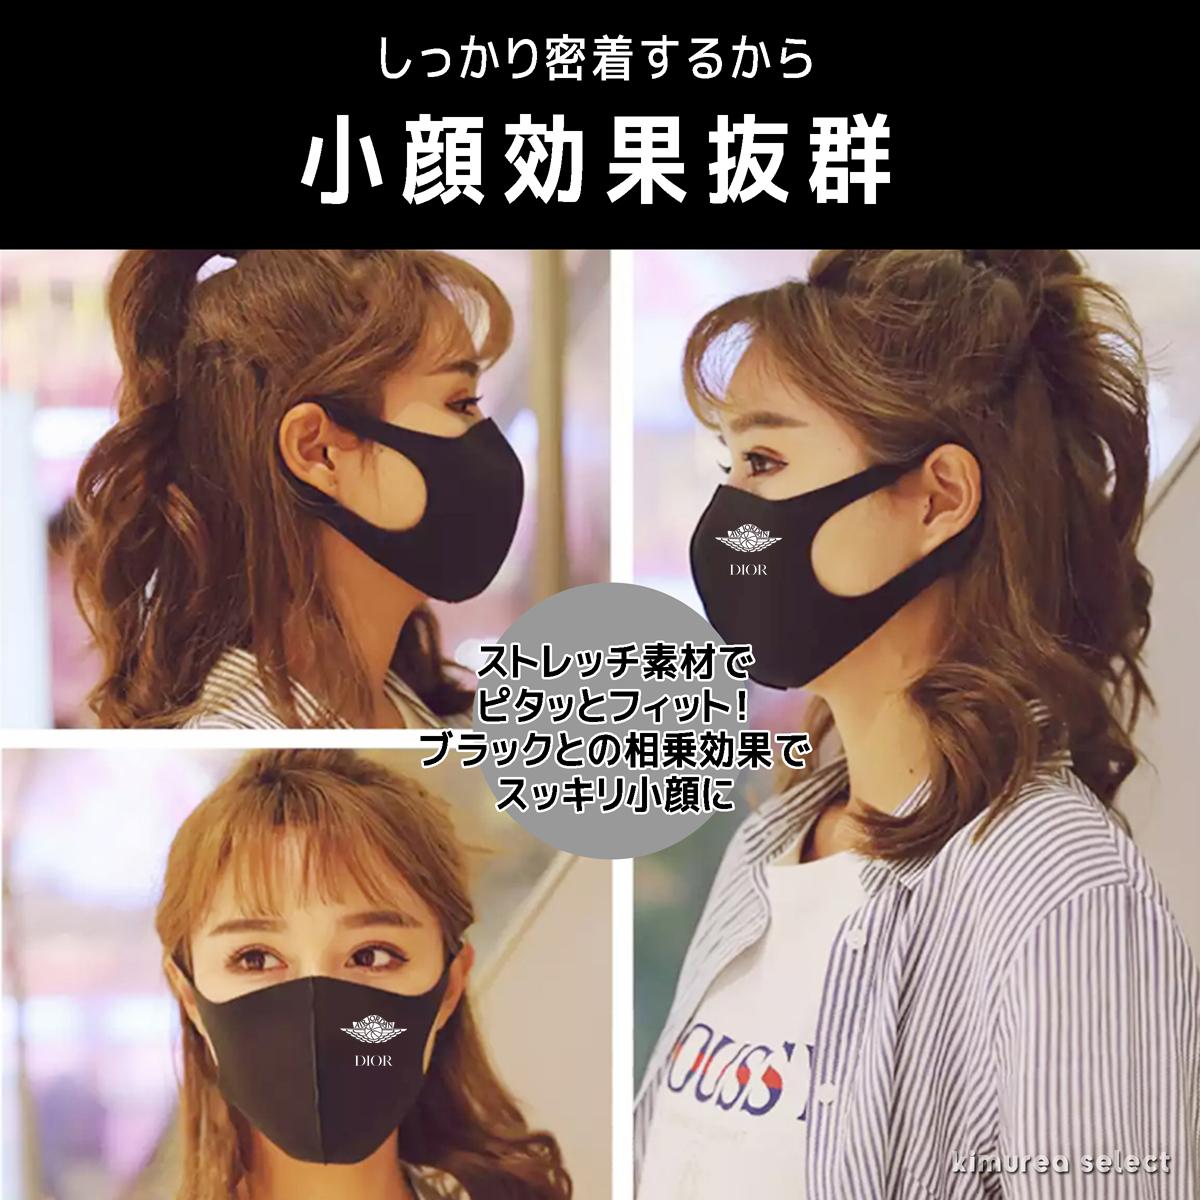 マスクコピーブランドマスク春夏 快適な薄い布